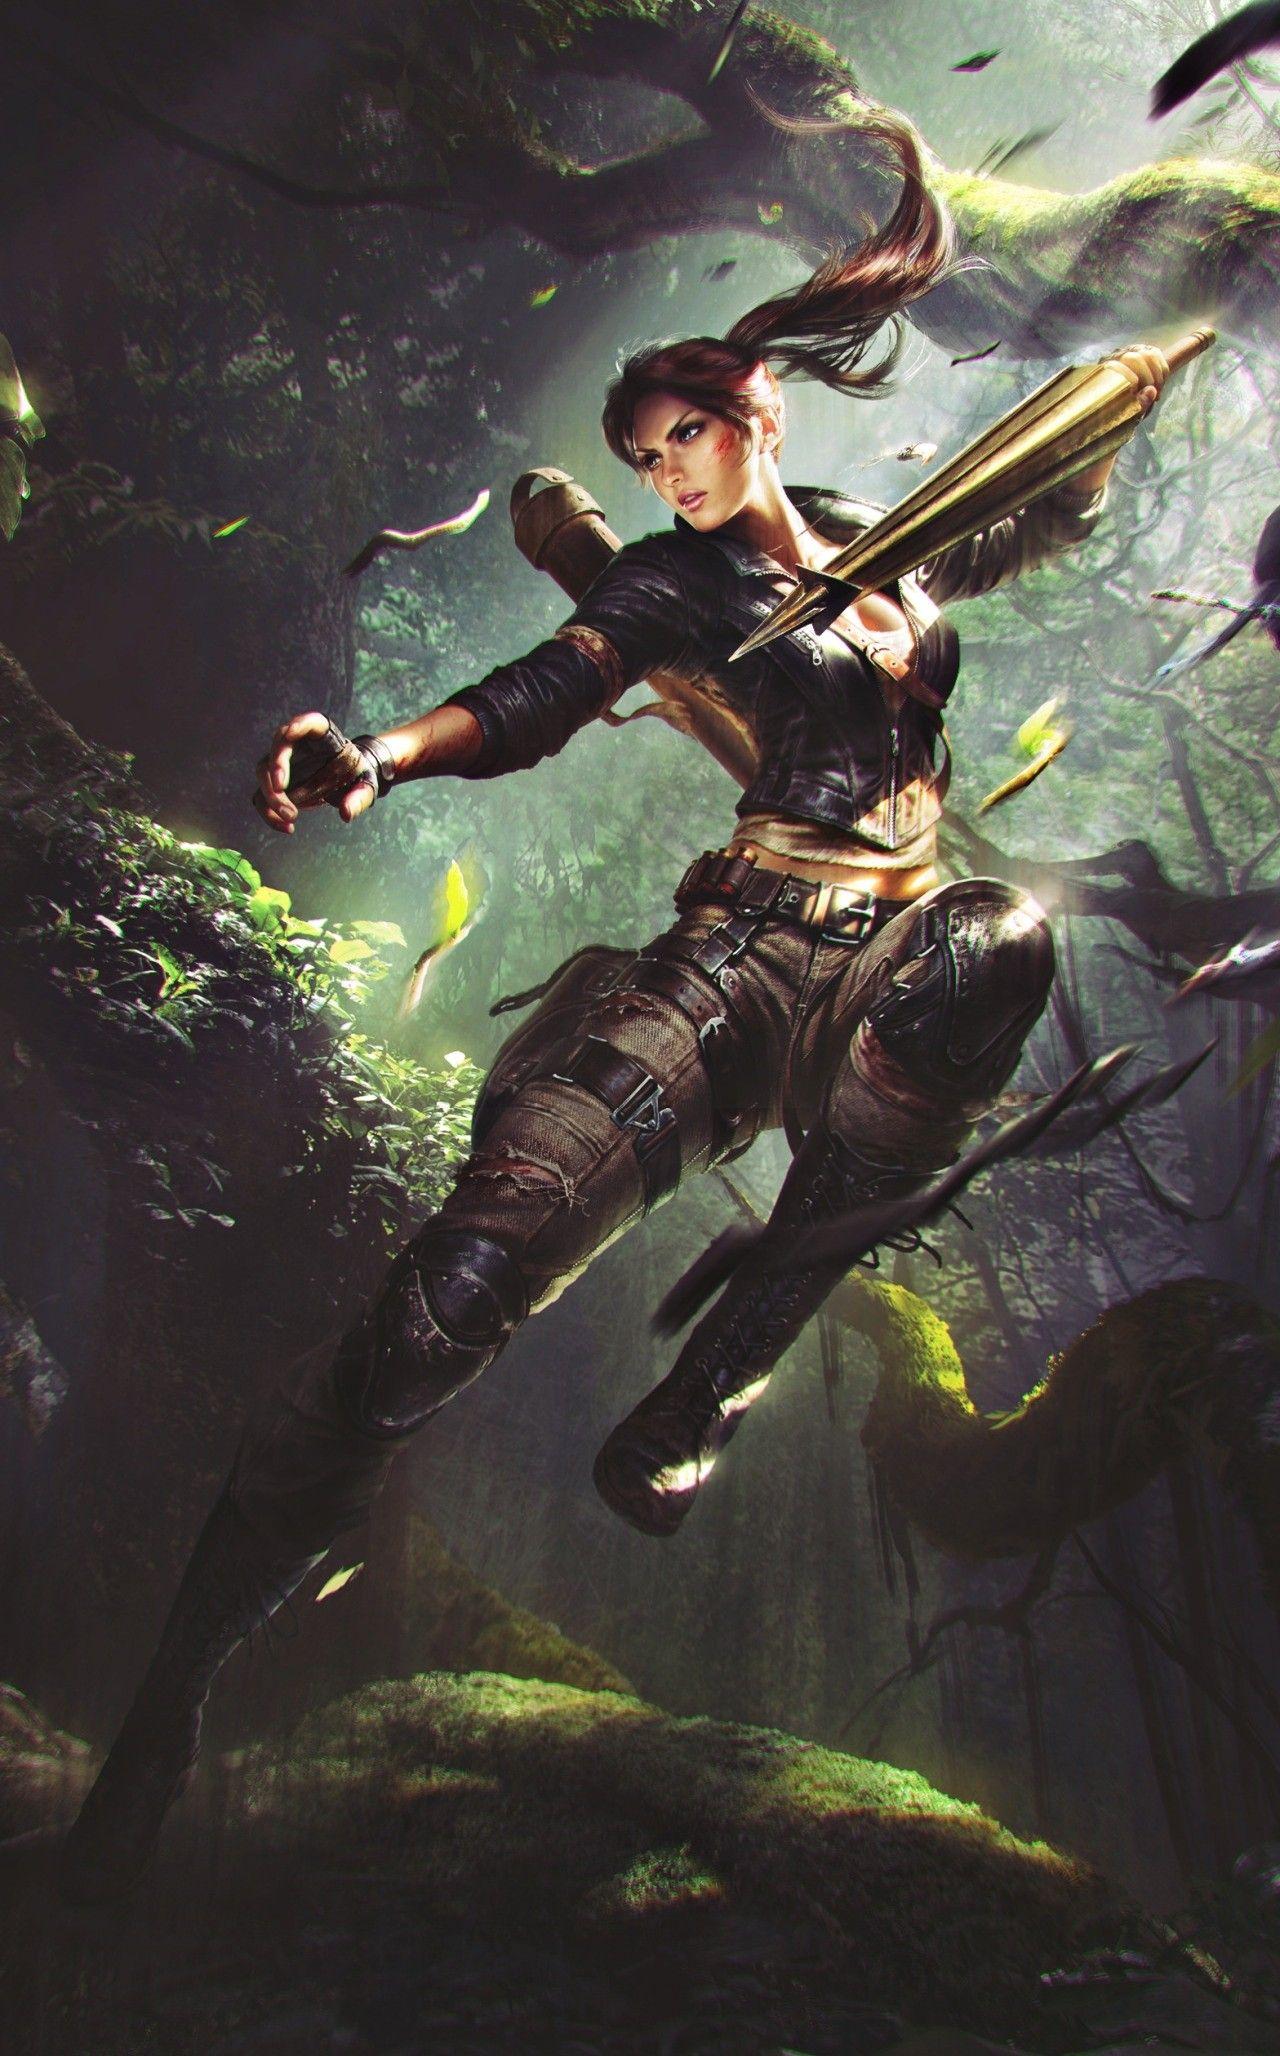 Tomb Raider Stuff! - Deiv Calviz - Illustrations, Concept